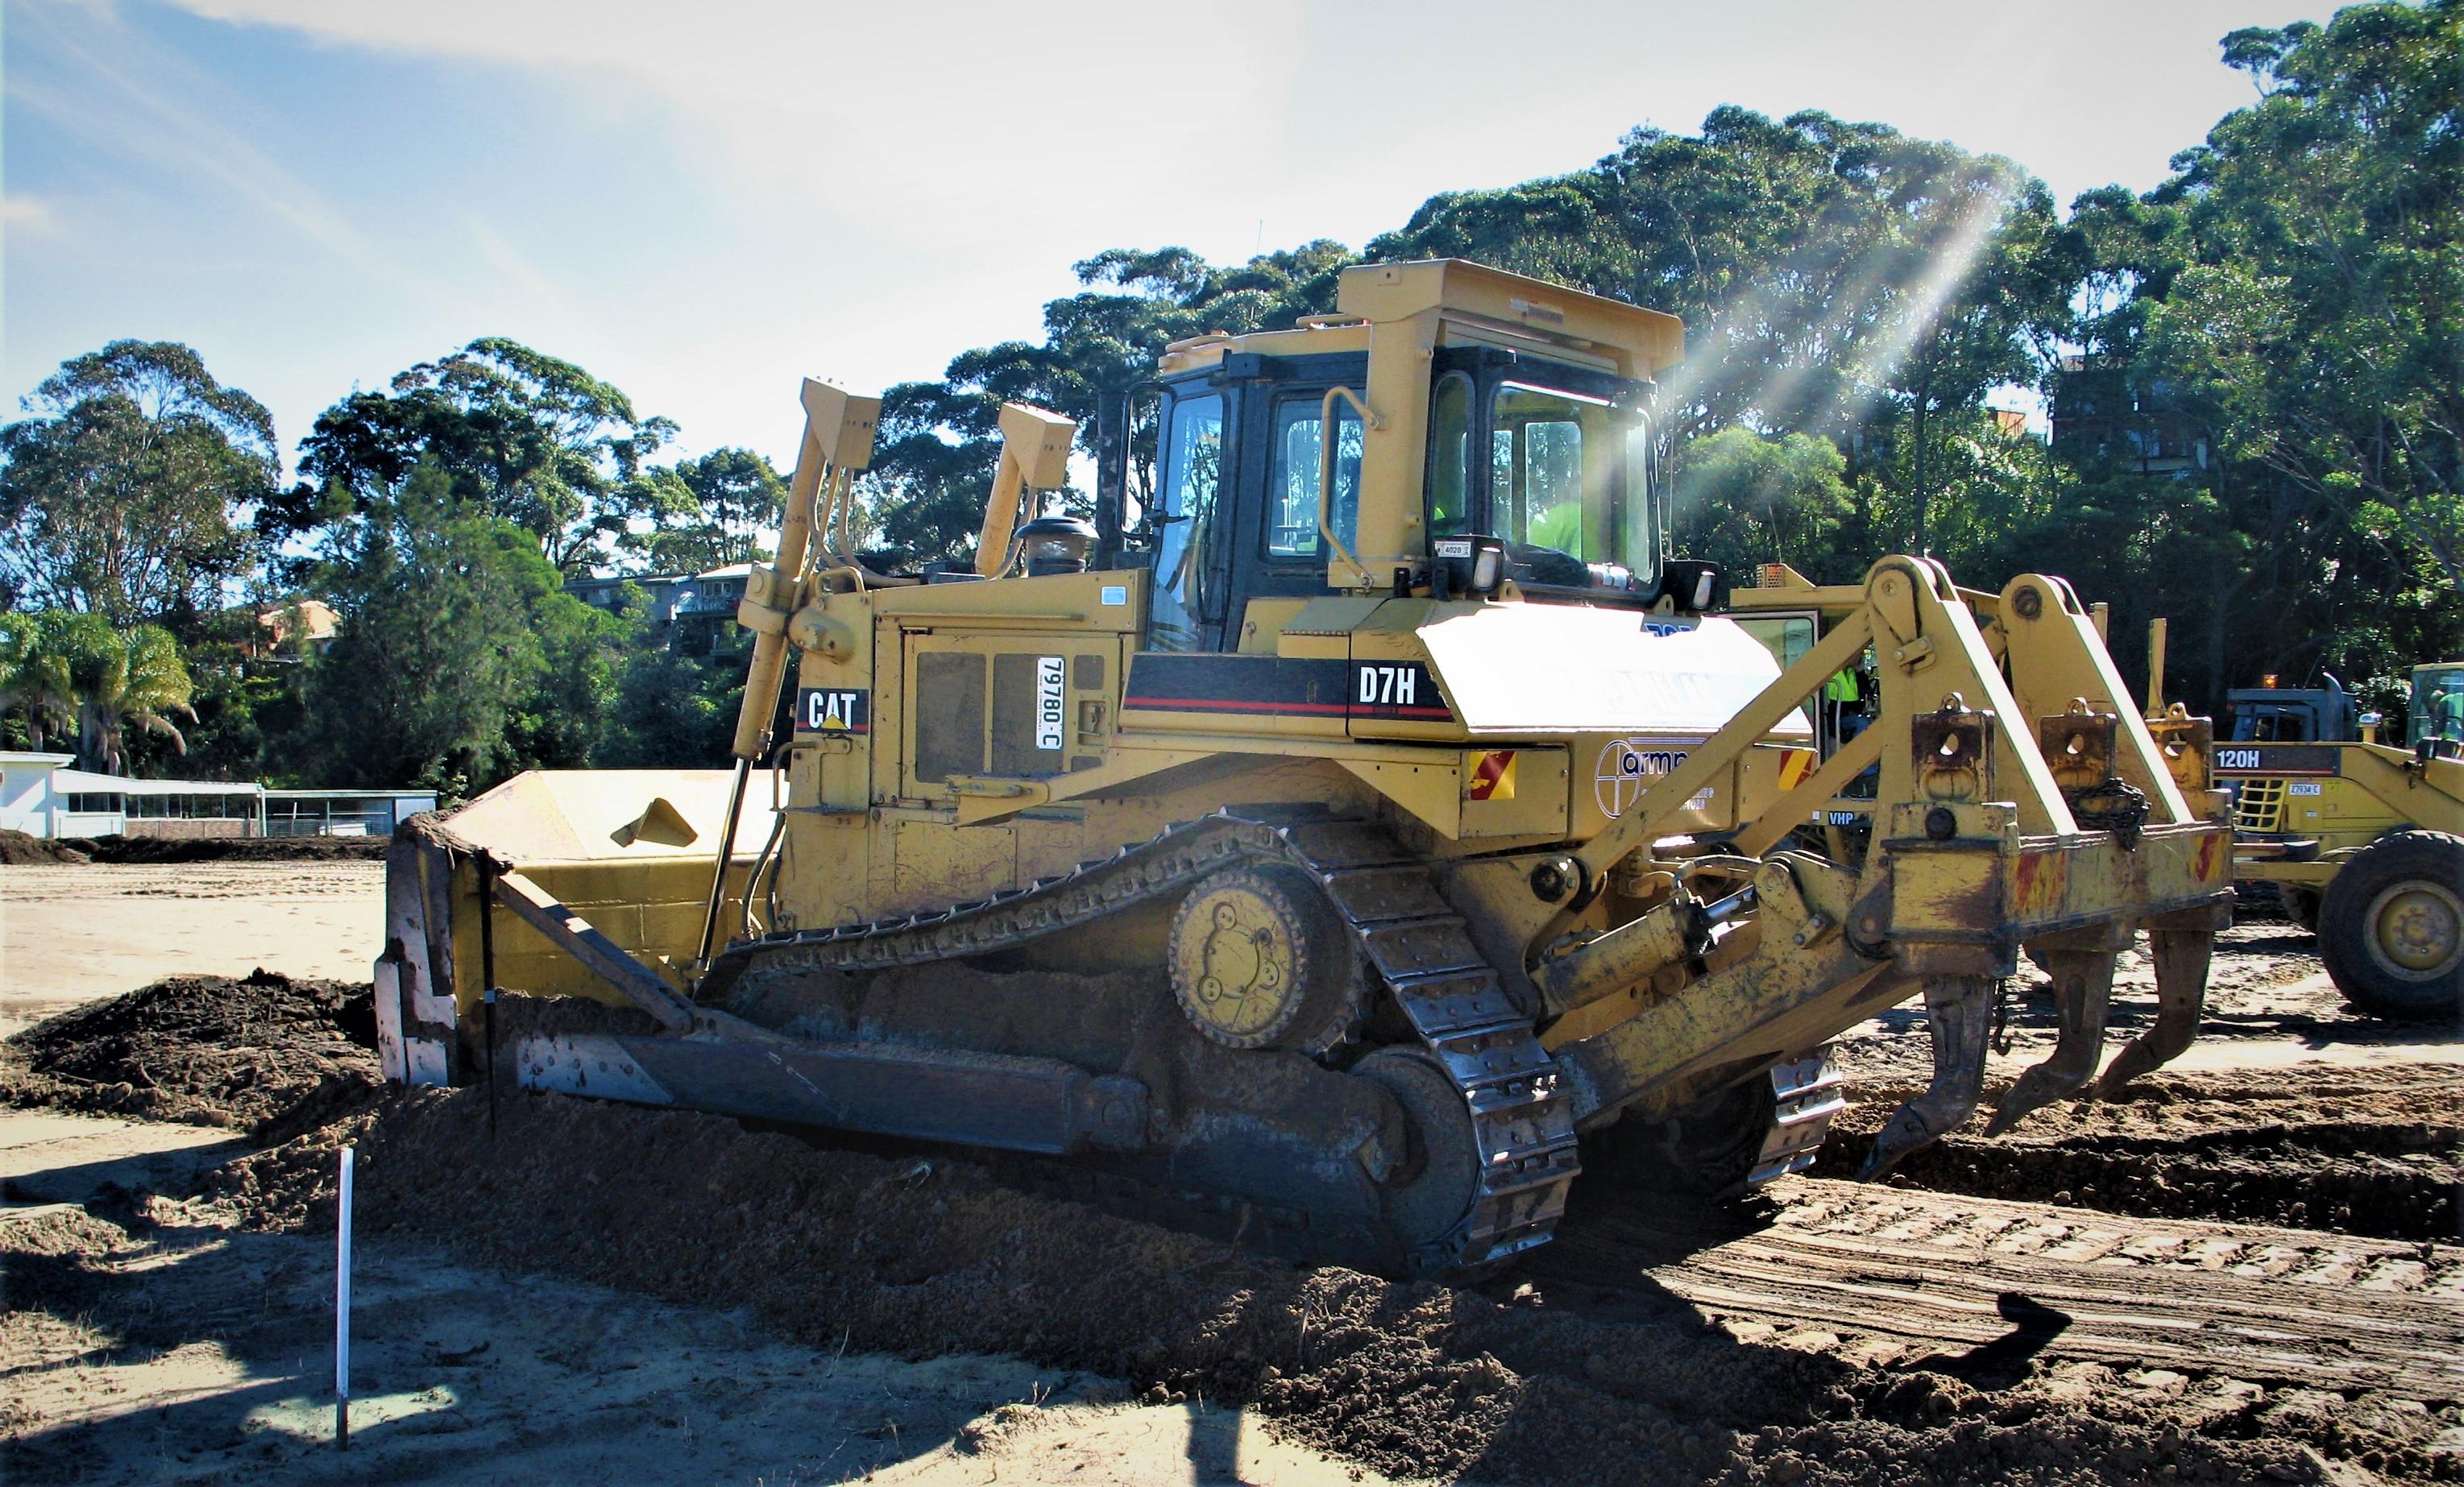 Armpell-Civil-CAT-621B-Scraper-land-clearing-Batemans-Bay